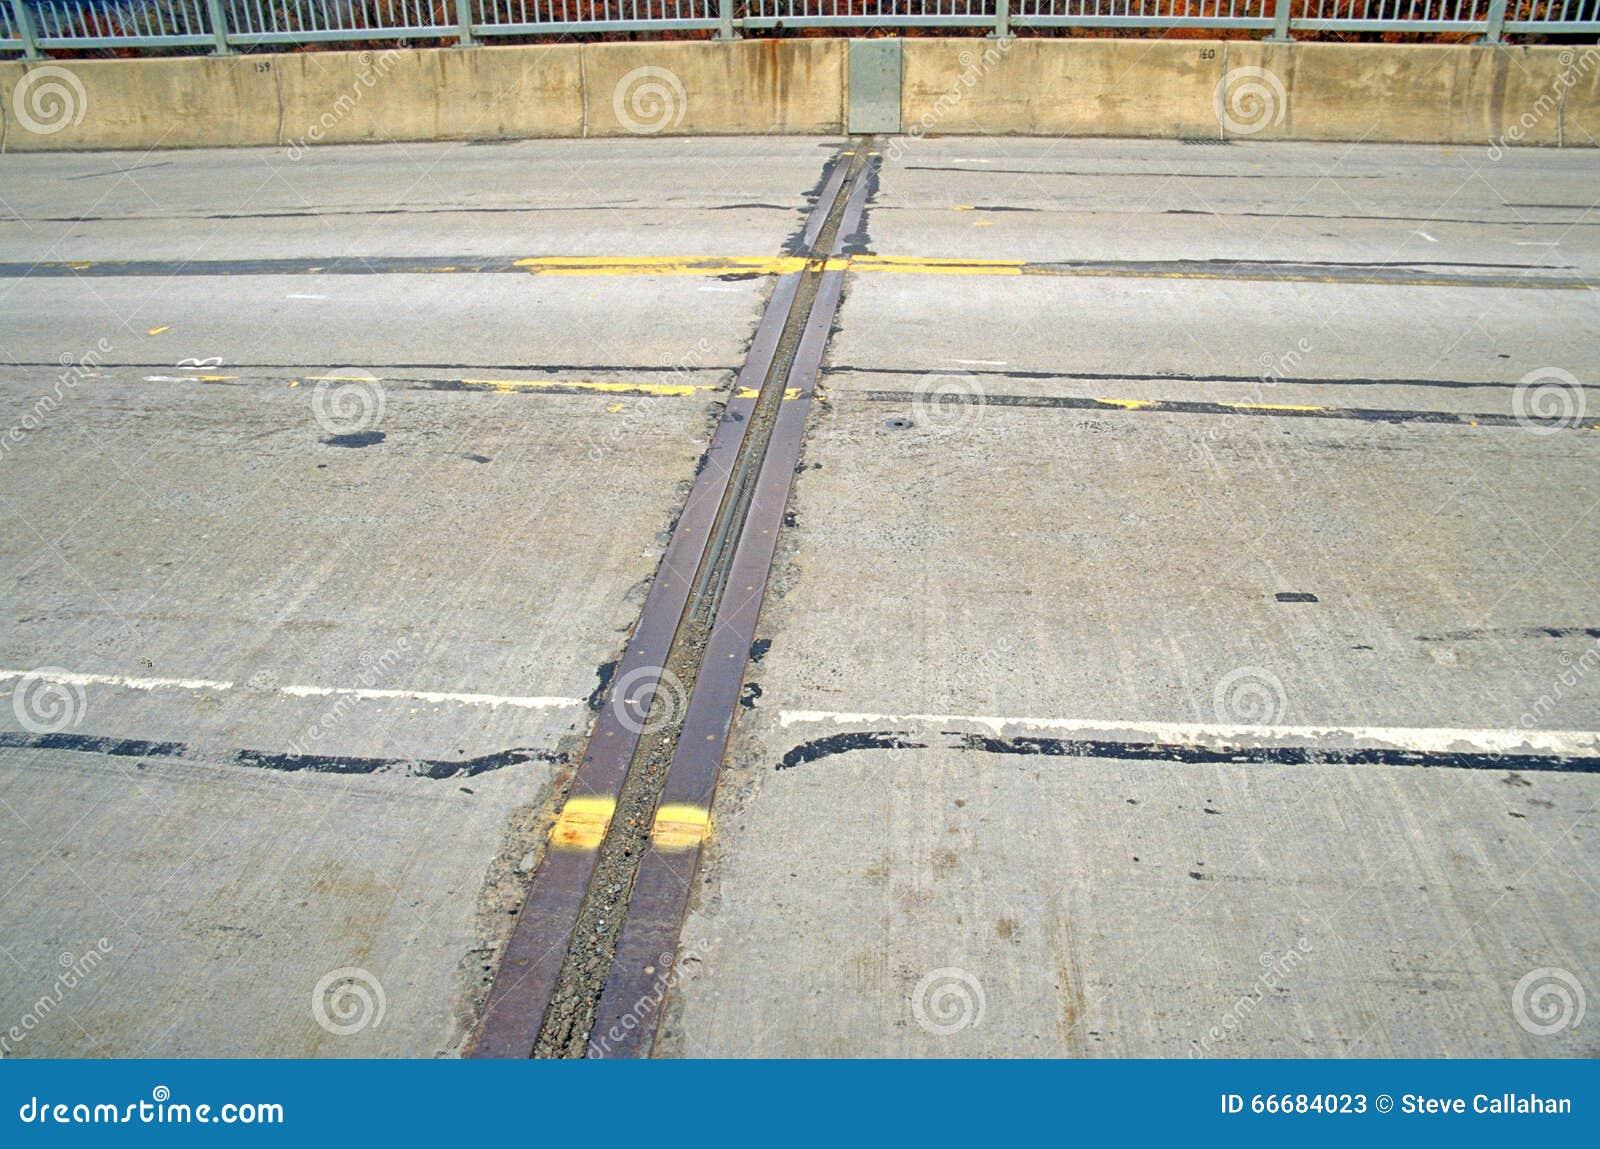 joint de dilatation sur le pont image stock - image du mouvement